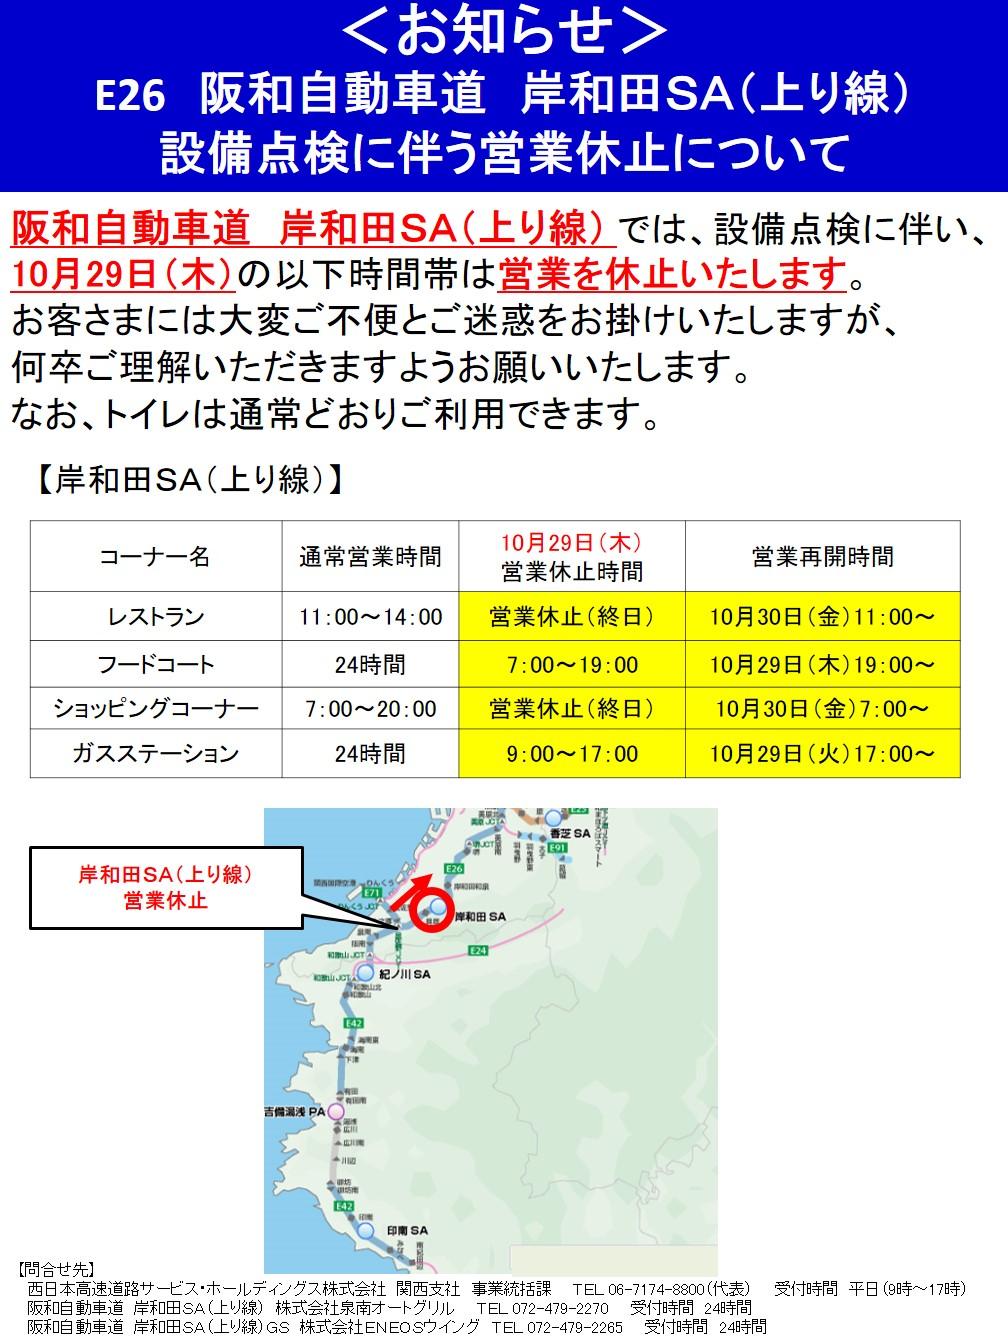 阪和自動車道 岸和田SA上り線 設備点検に伴う営業休止について<br>2020年10月29日